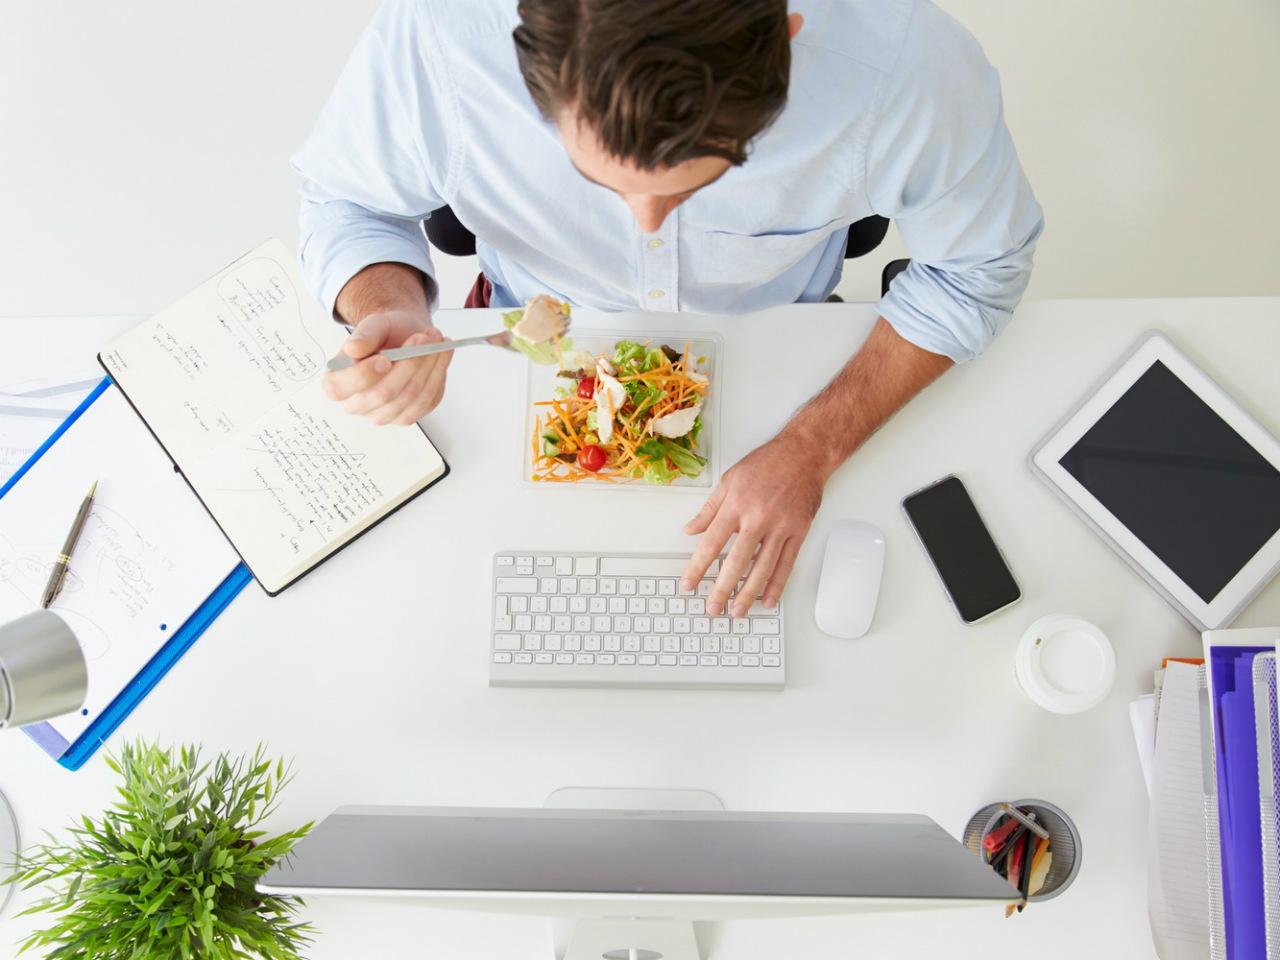 7 советов, как правильно питаться в офисе